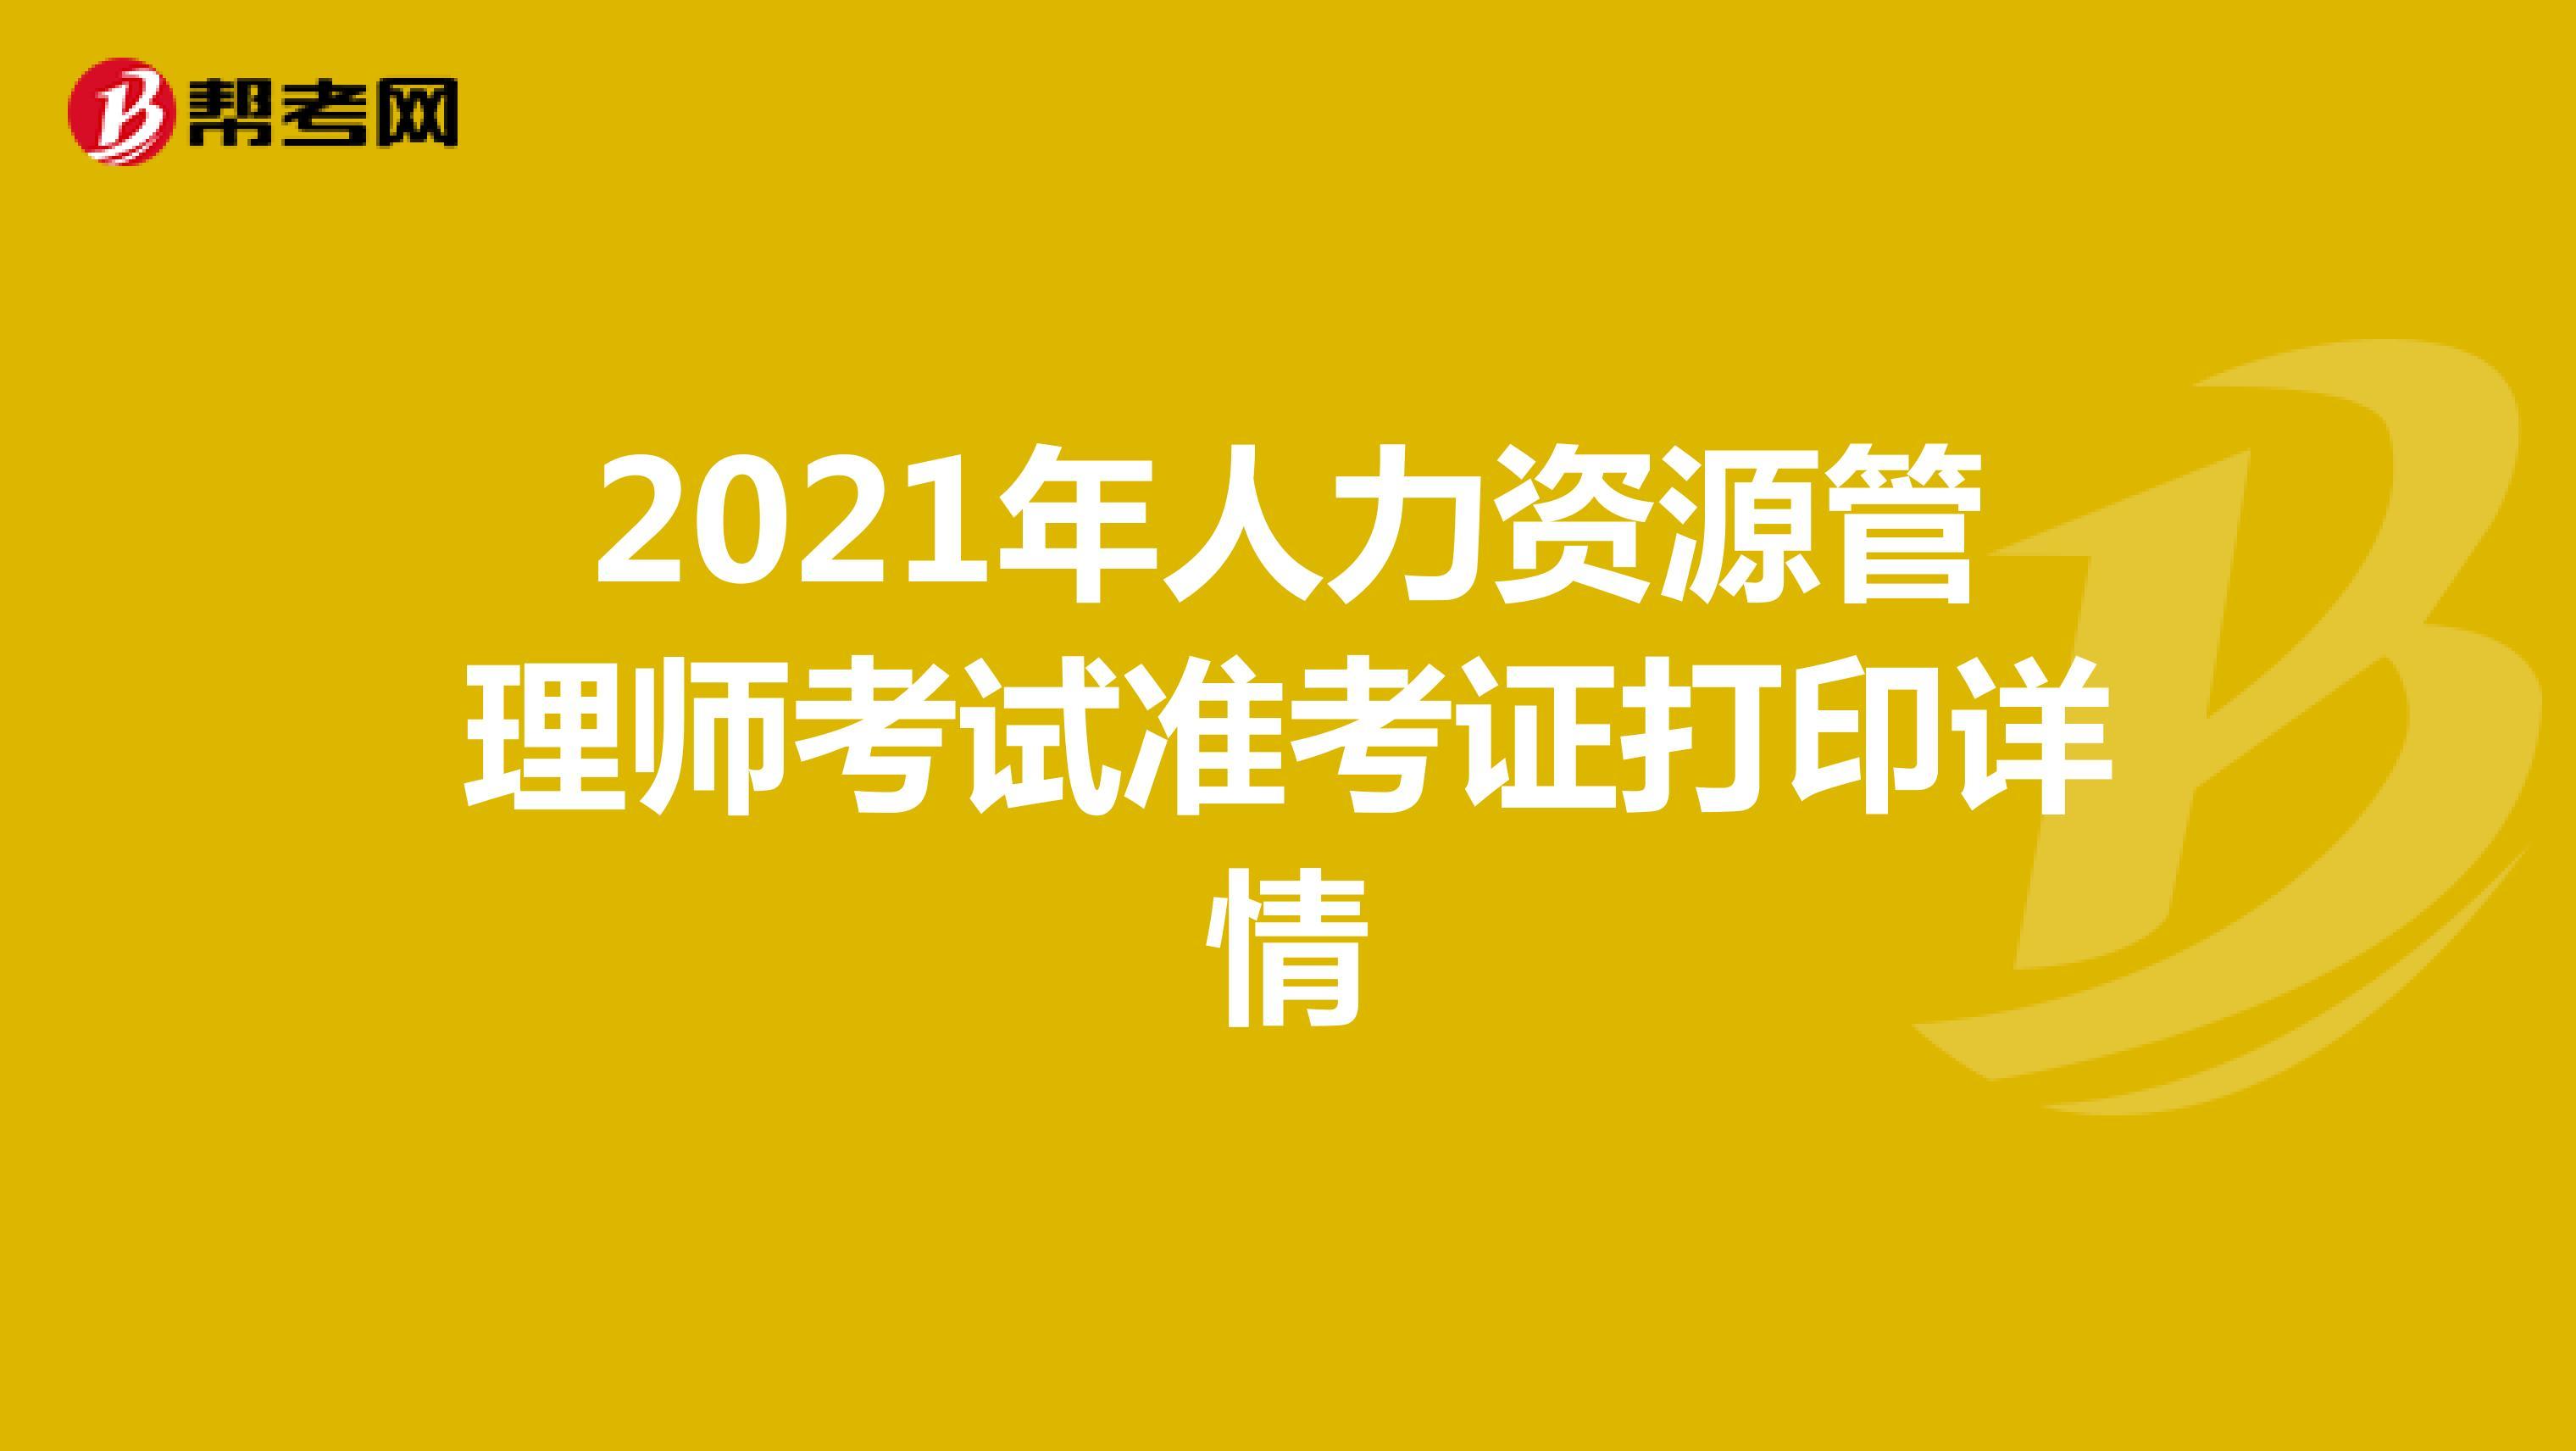 2021年人力资源管理师考试准考证打印详情